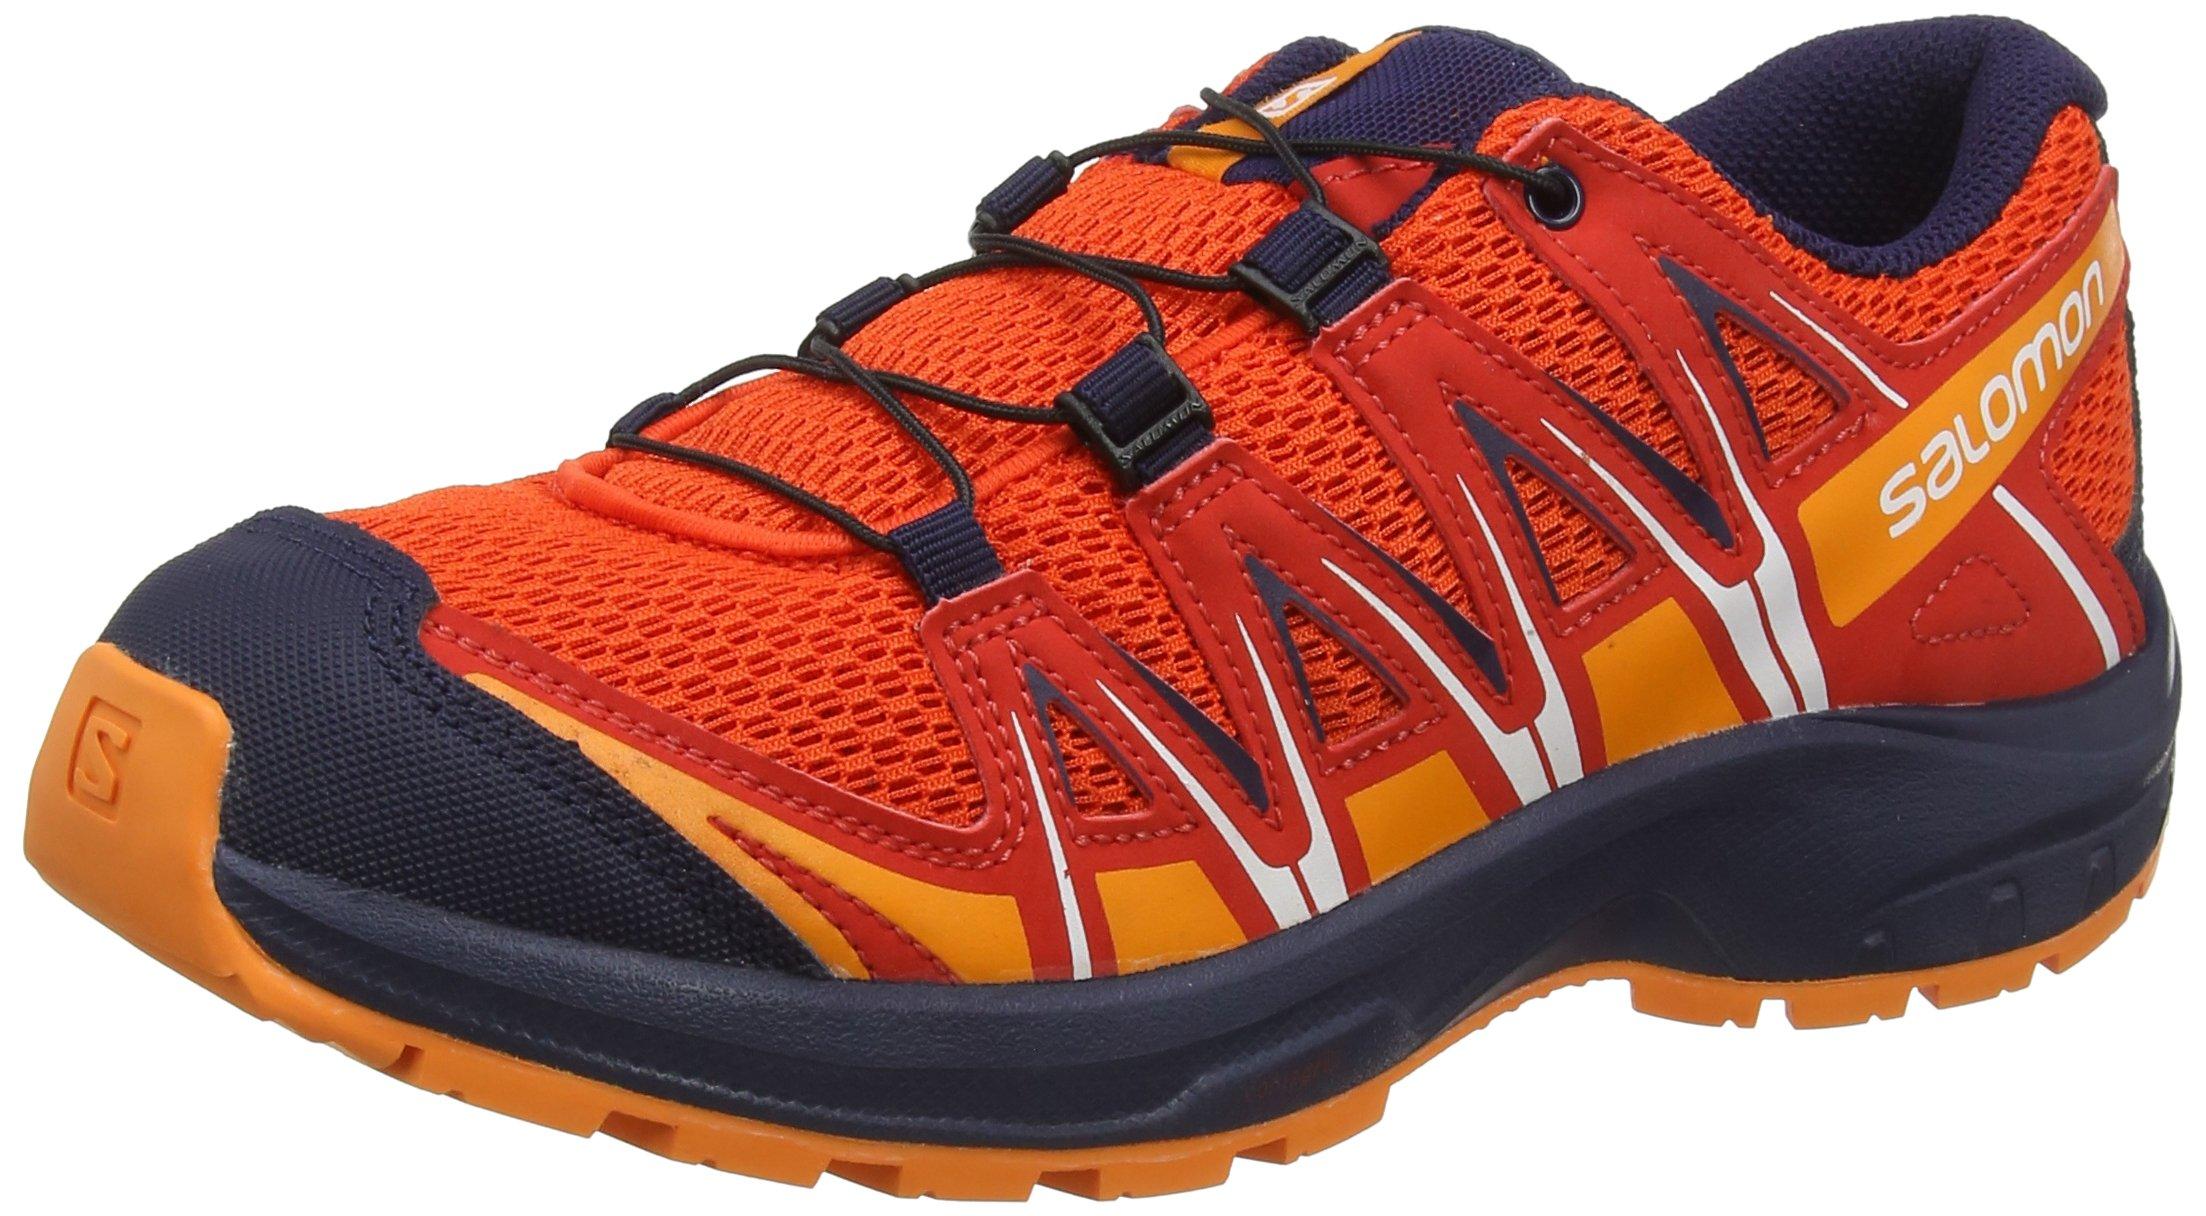 Salomon XA Pro 3D J, Calzado de Trail Running para Niños